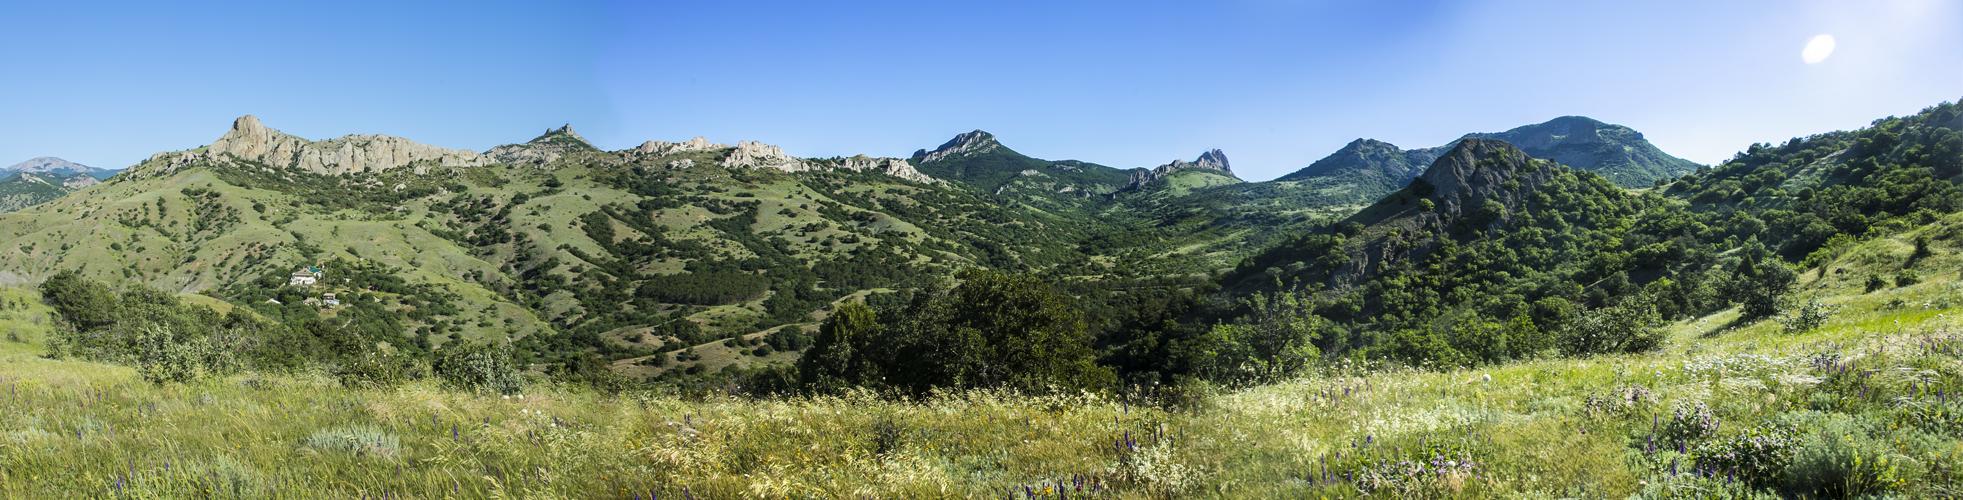 панарама карадагской долины